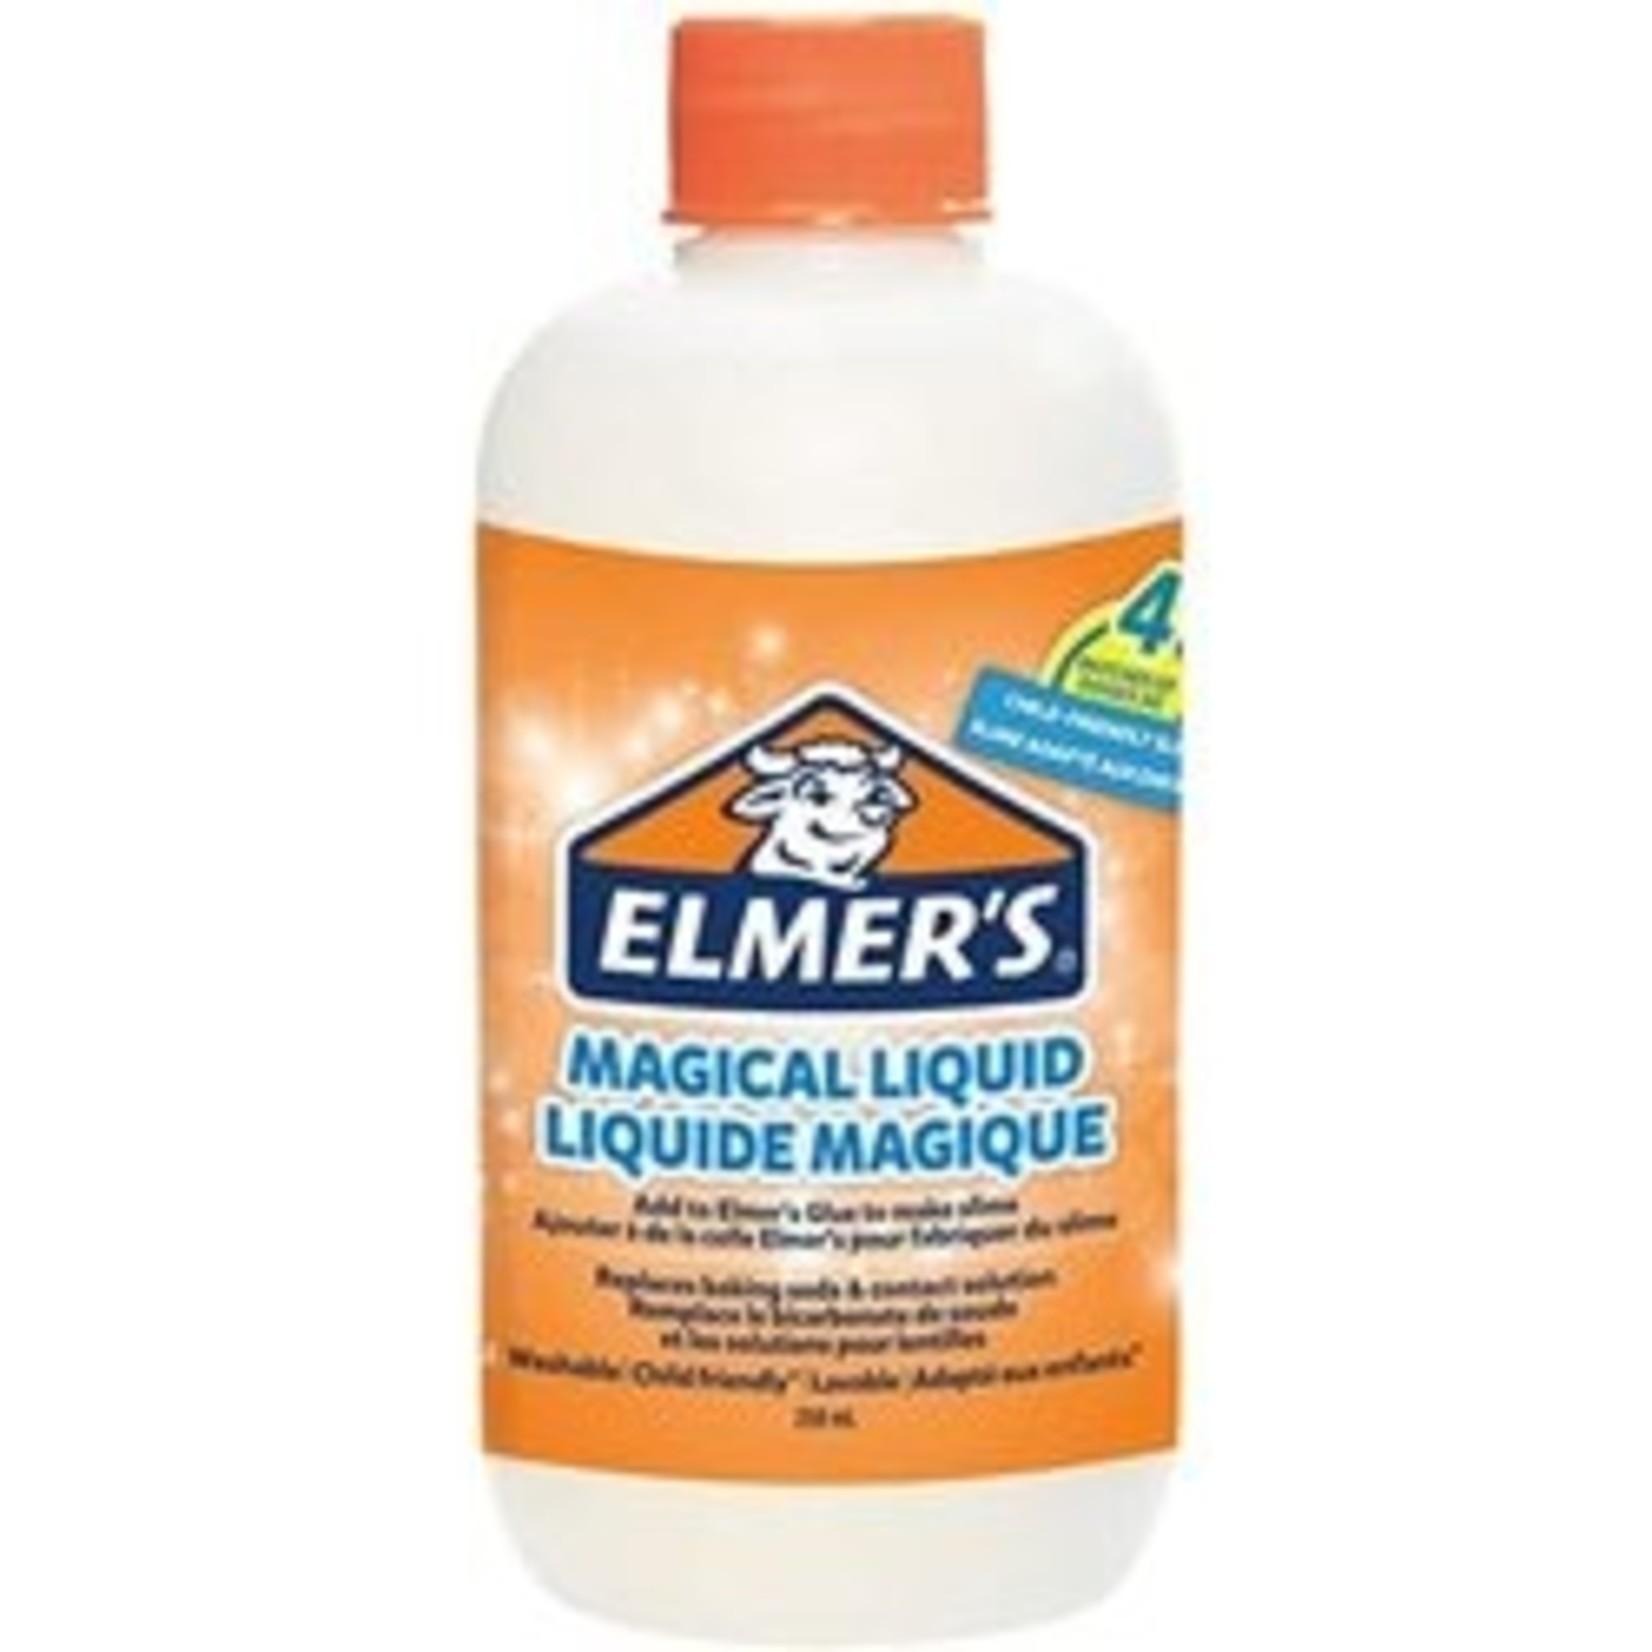 NWL Austria GmbH Elmers Magical Liquid 259ml